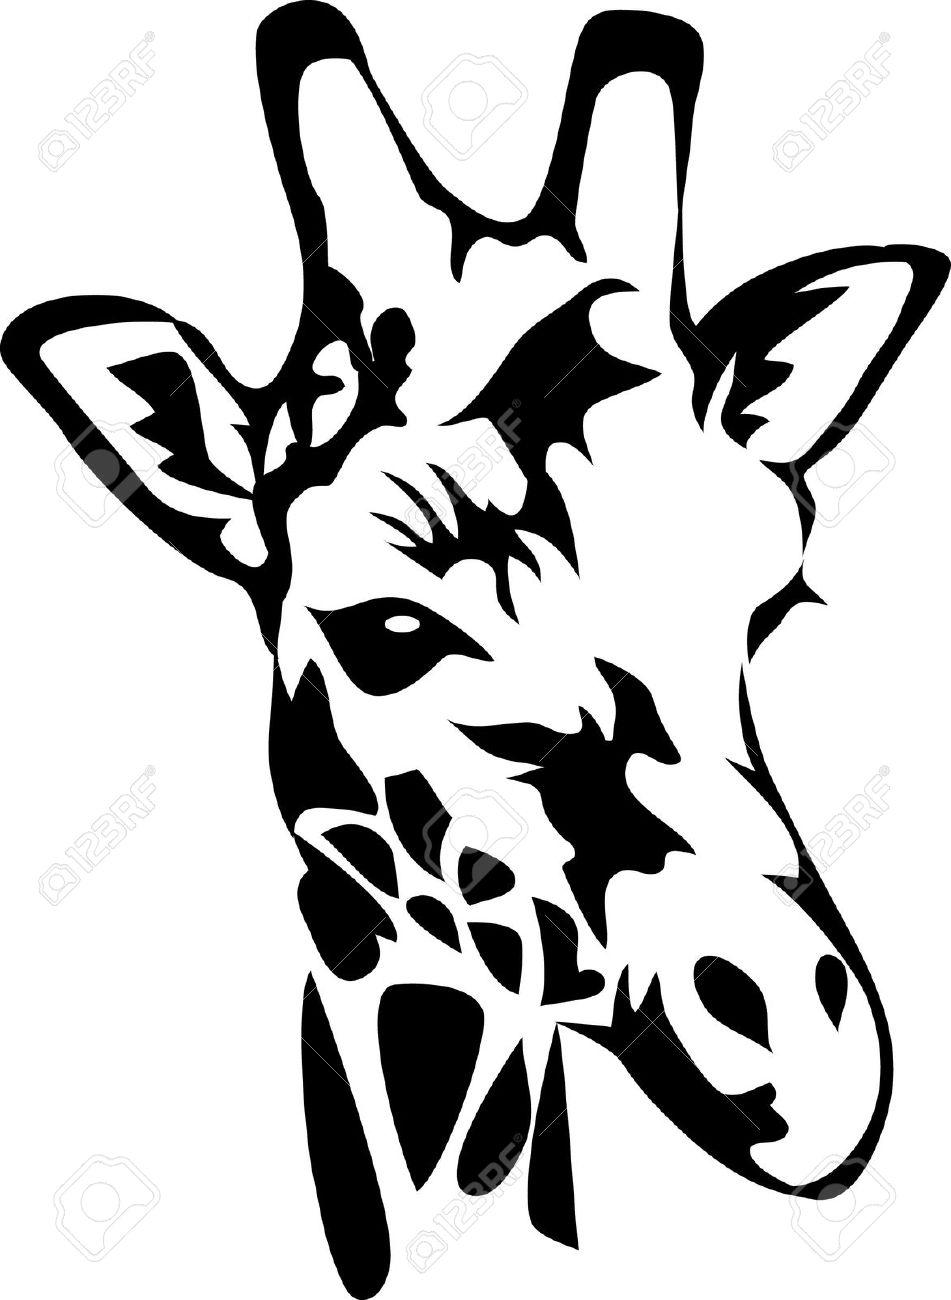 951x1300 Giraffe Face Clipart Collection